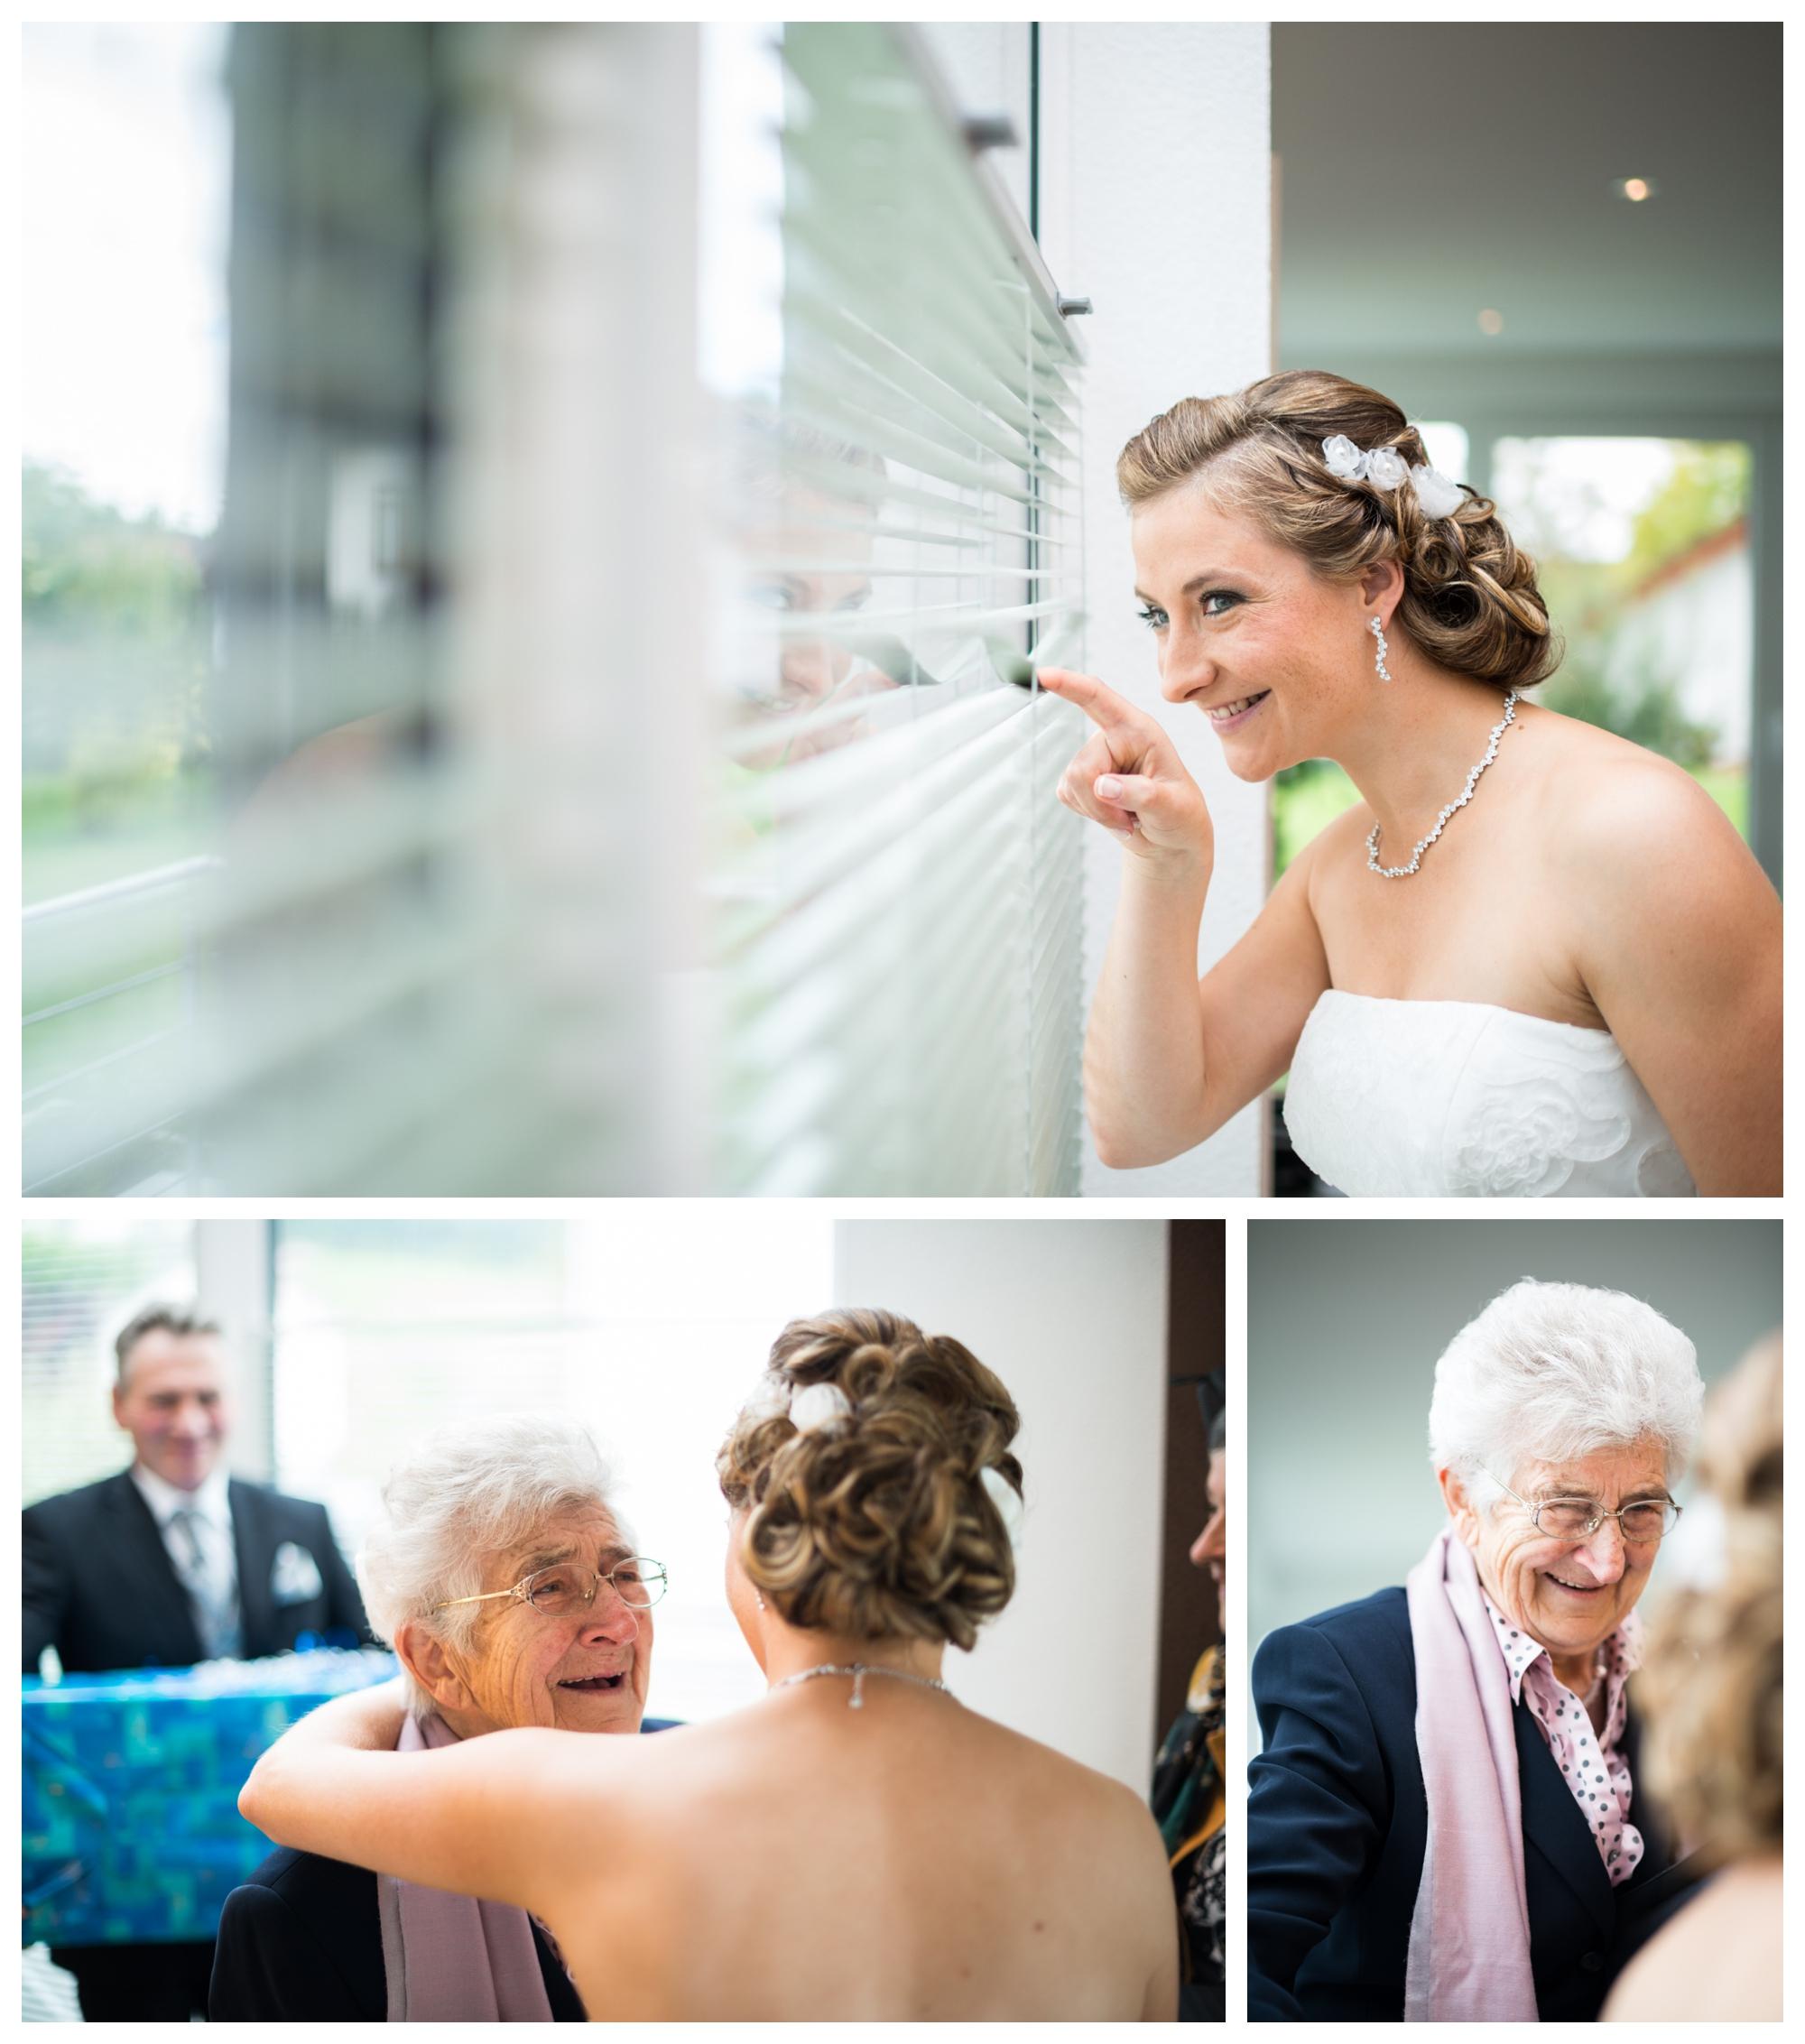 Fotograf Konstanz - Als Hochzeitsfotograf in Bad Dürrheim unterwegs  - 7 -